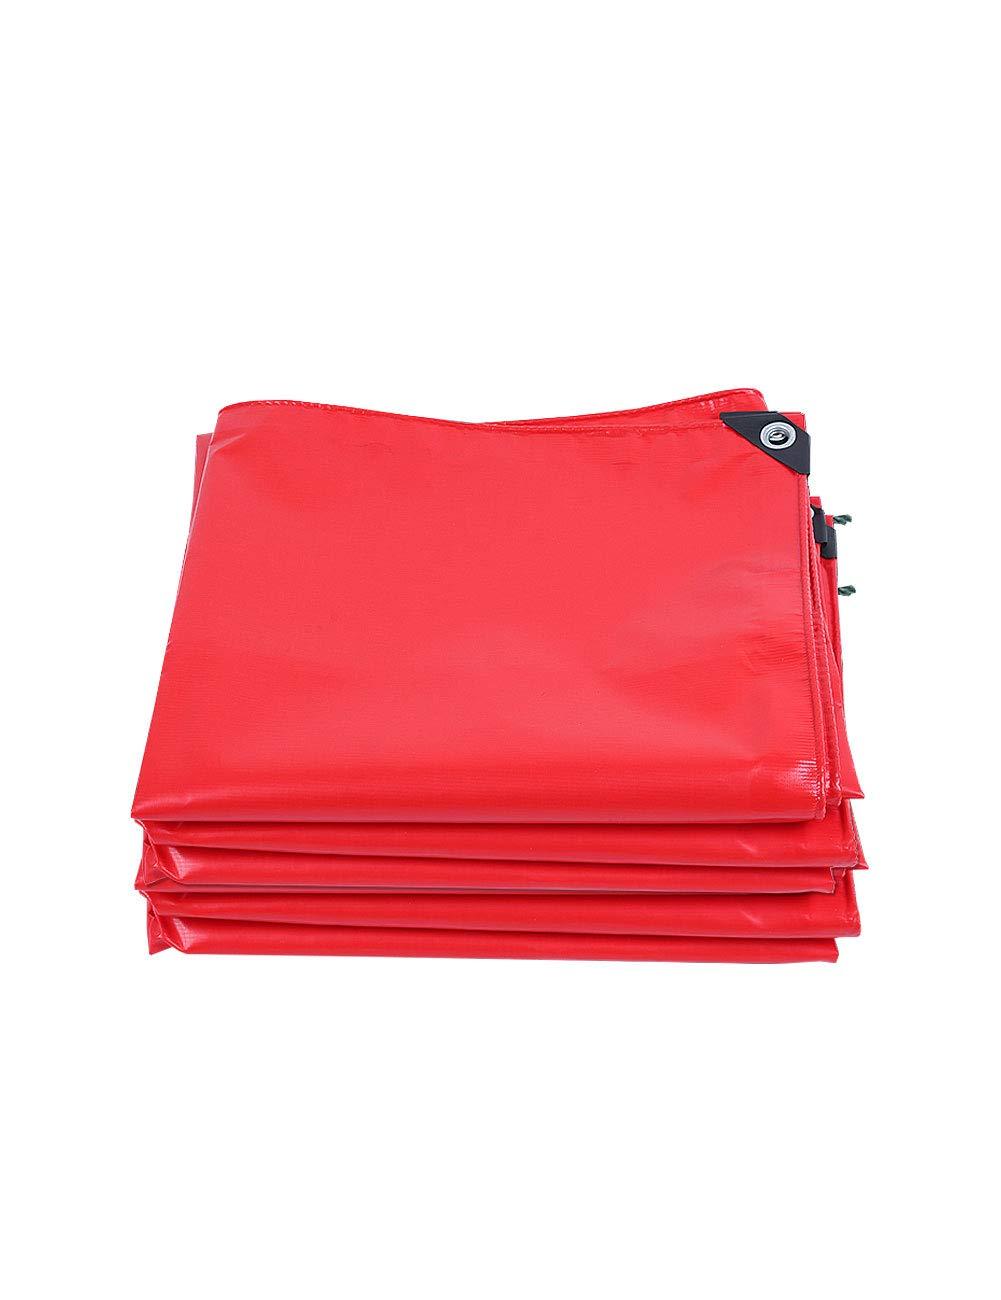 DLyng アウトドアテント、ペット、ピクニックマット用キャンプ防水タープUV抵抗ヘビーデューティー (Size : 4m*4m) 4m*4m  B07HF557KZ